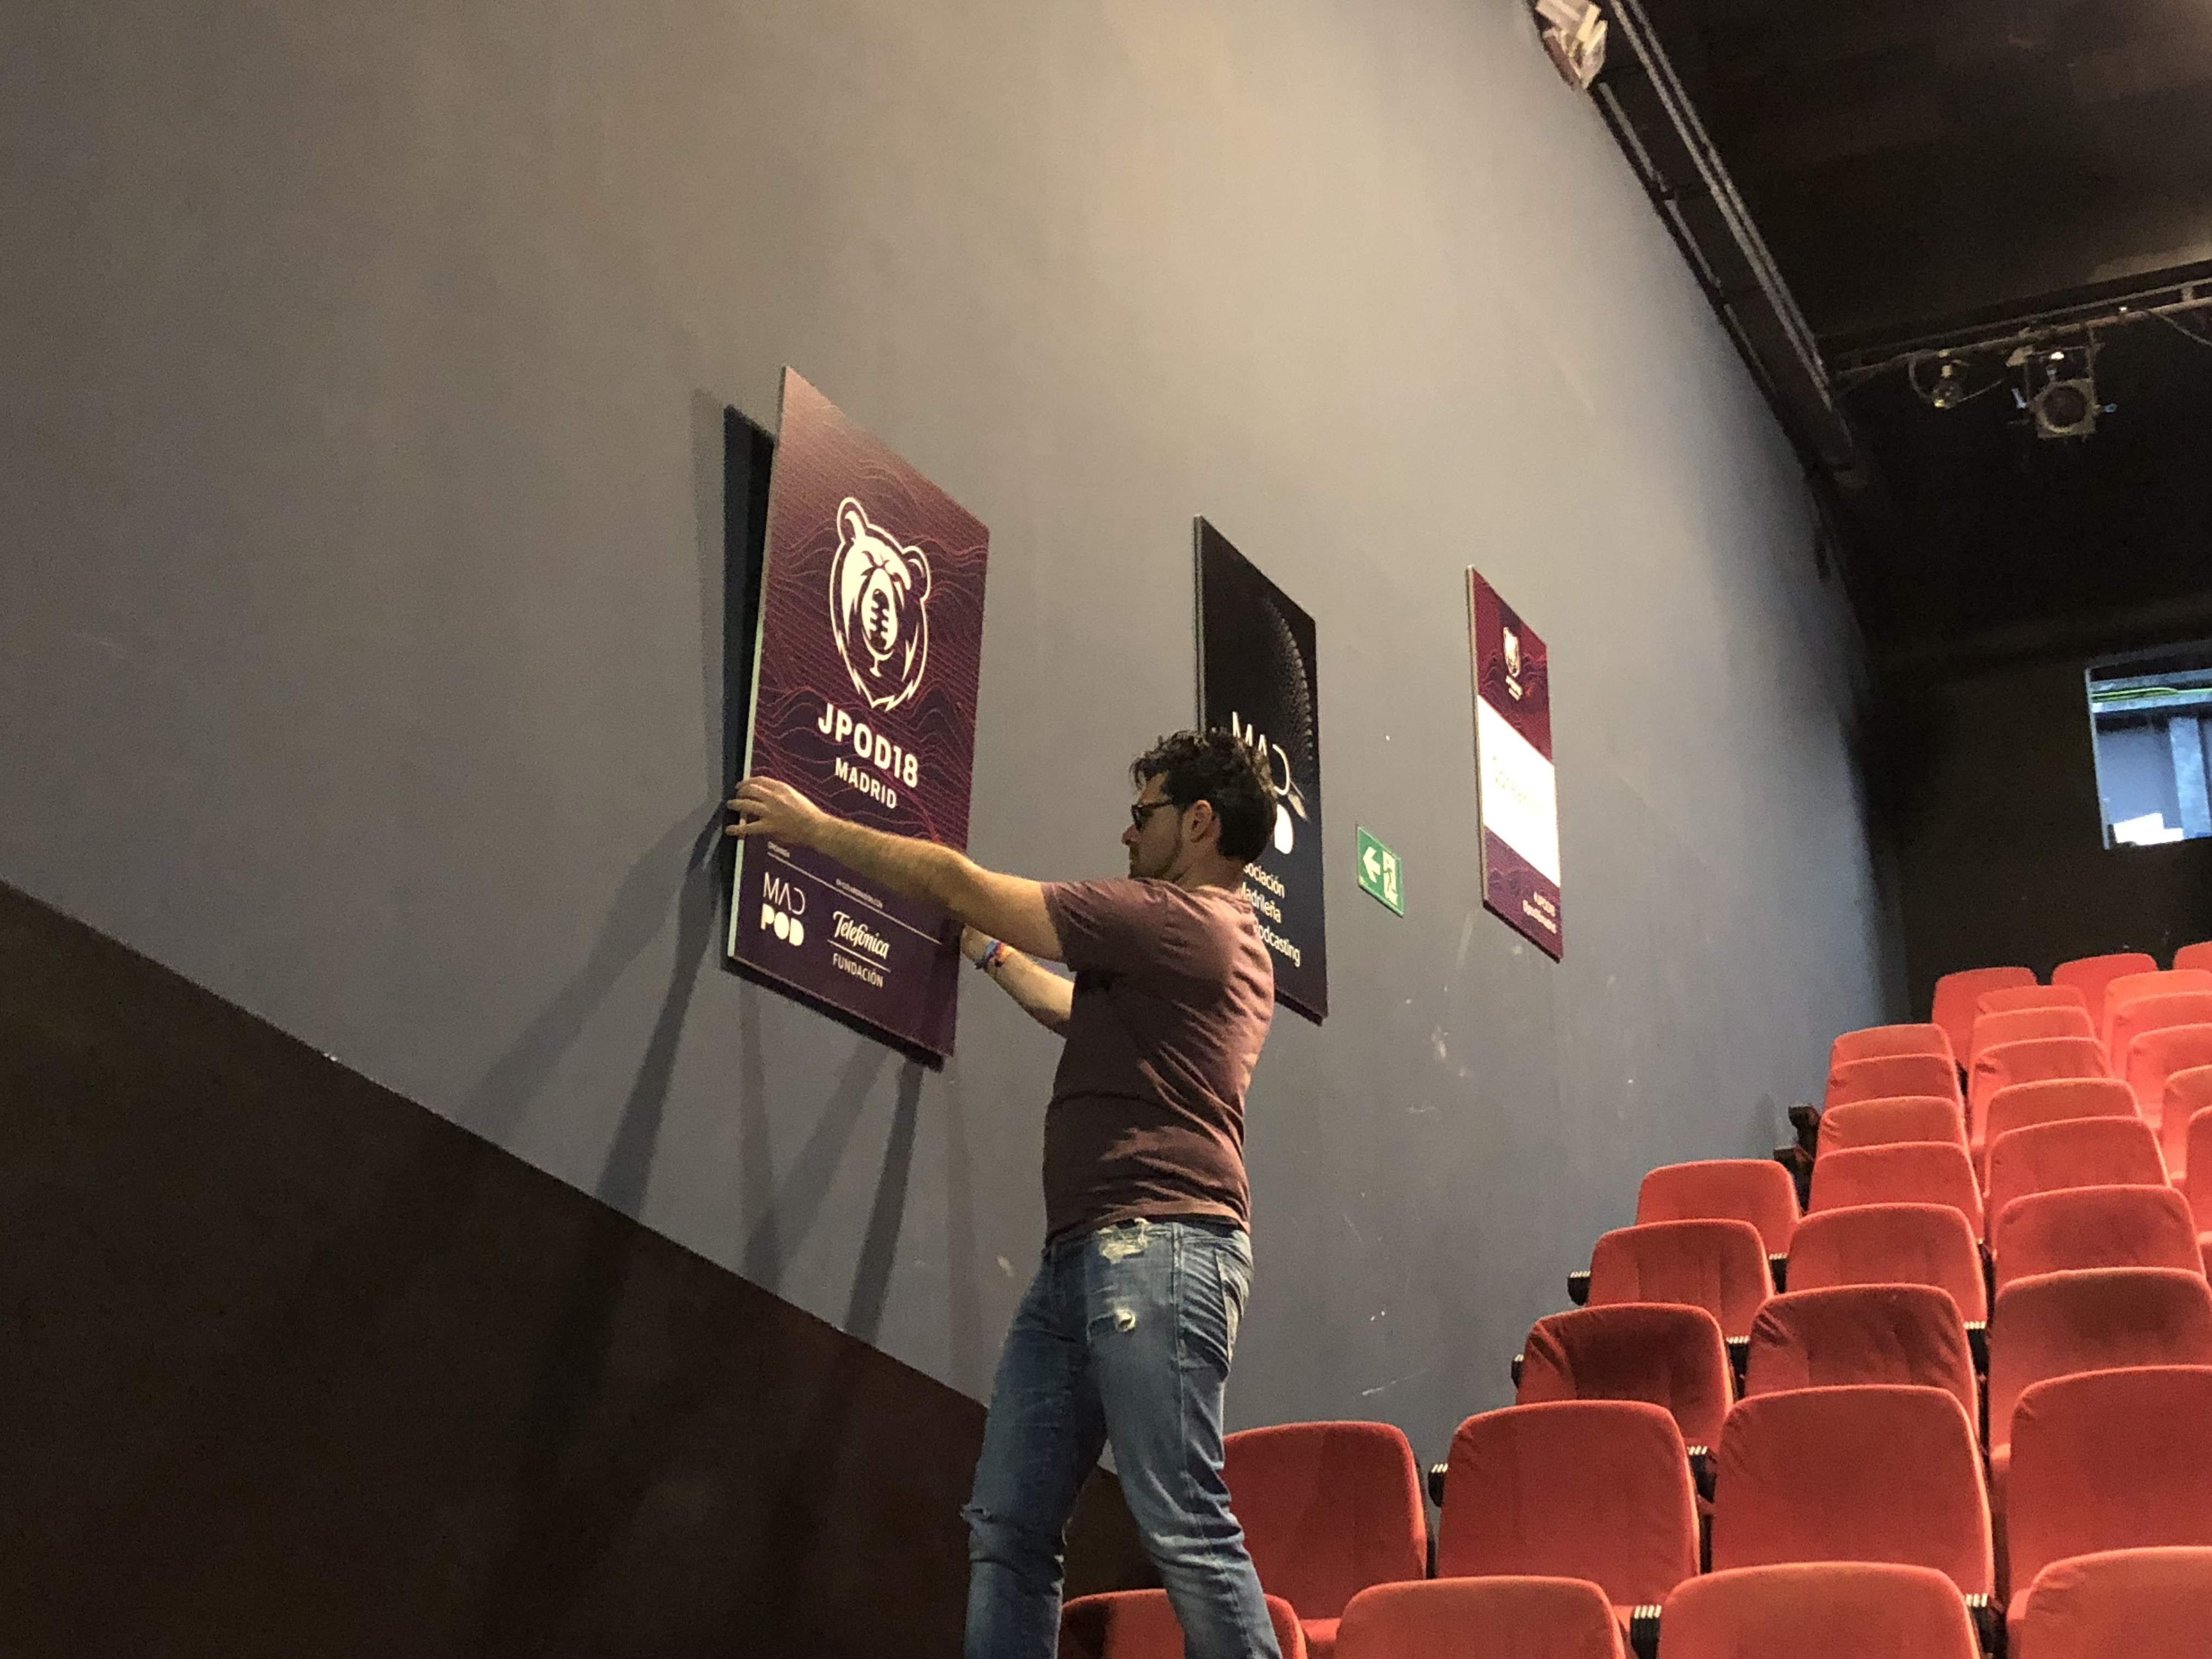 Foto: Julio Méndez - Colocando la cartelería del evento horas antes de la apertura de puertas.